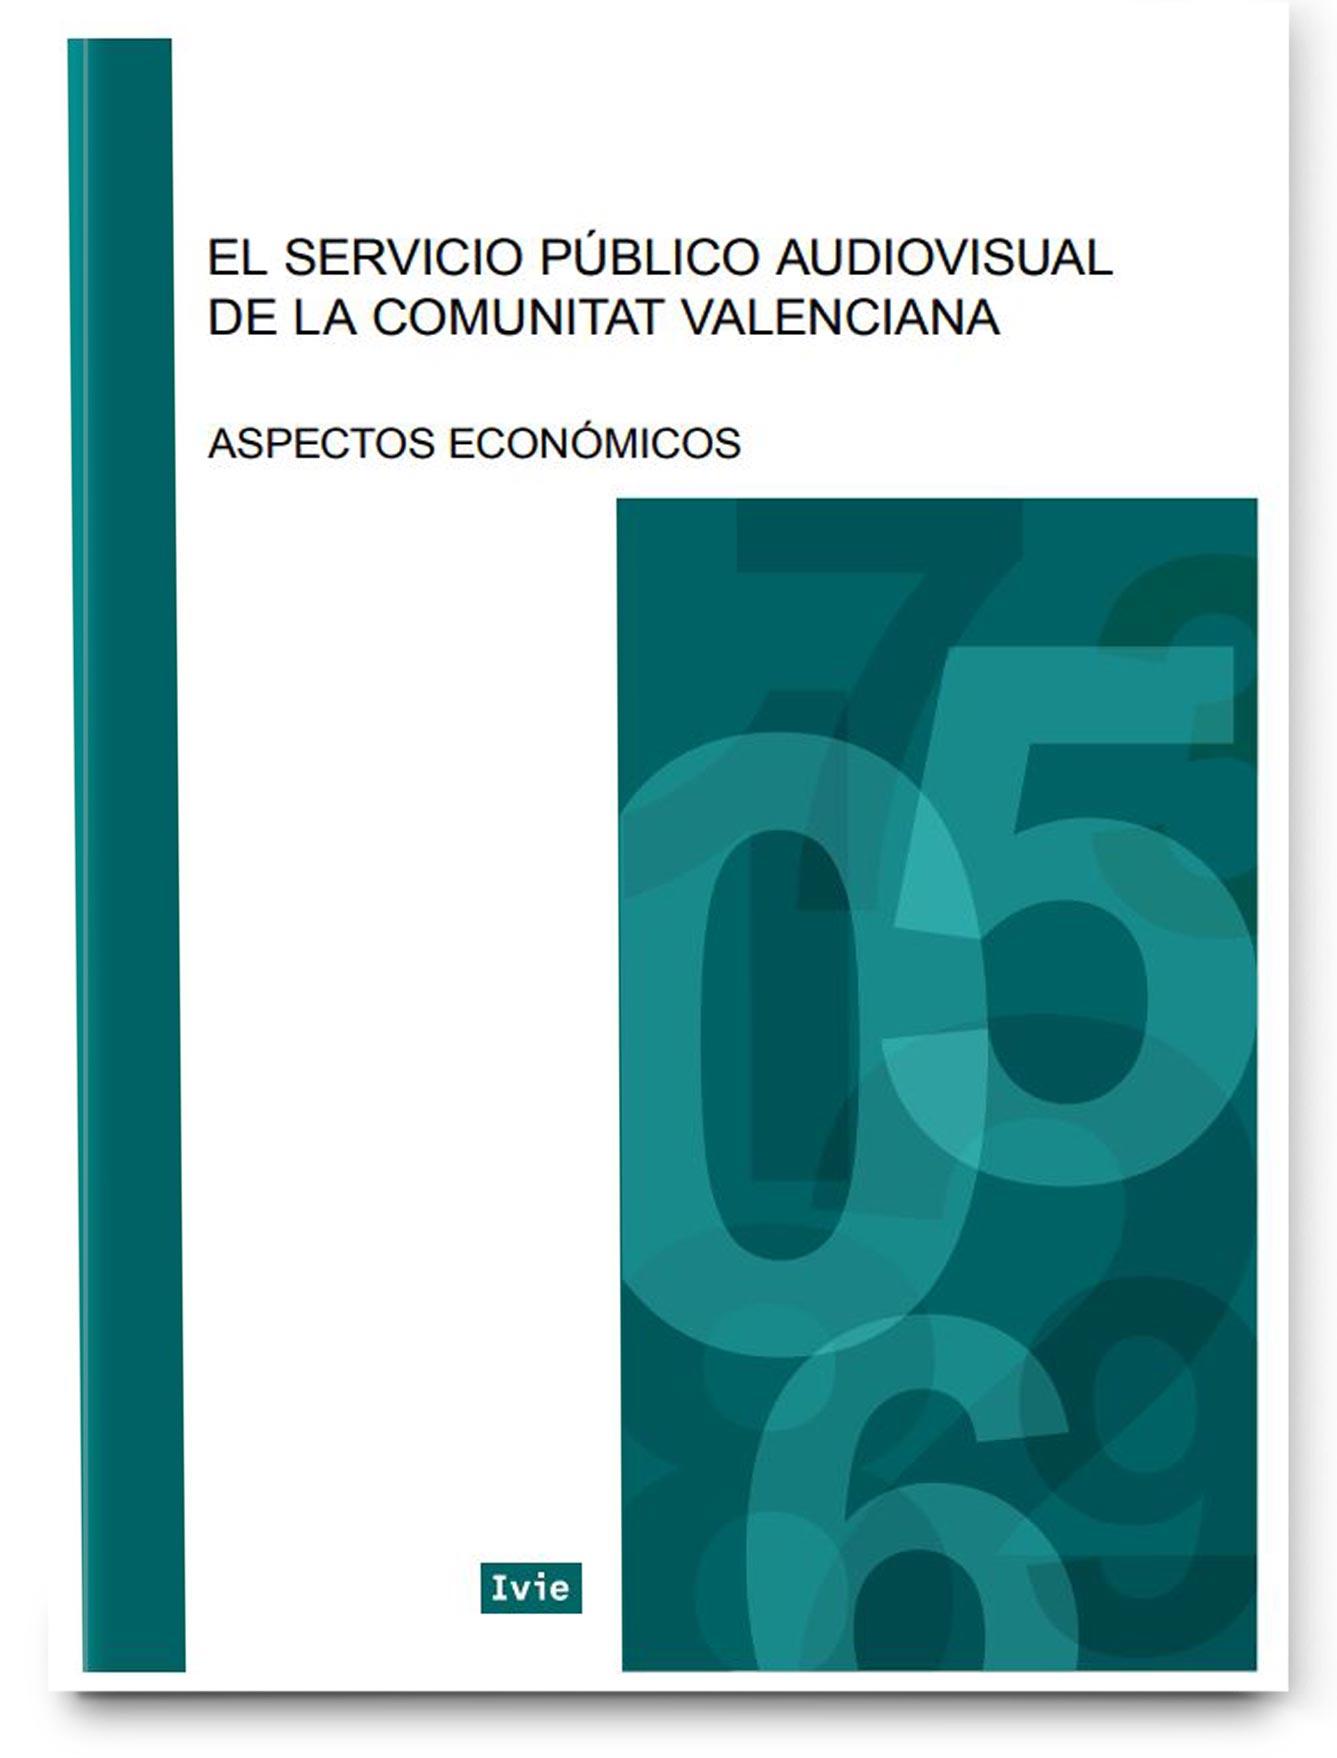 El servicio público audiovisual de la Comunitat Valenciana: aspectos económicos